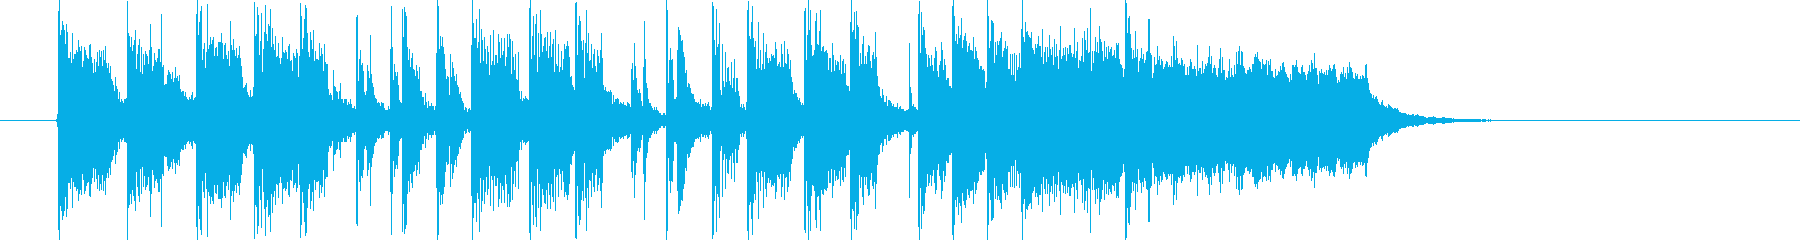 なだらかで和やかなトランペットジングルの再生済みの波形